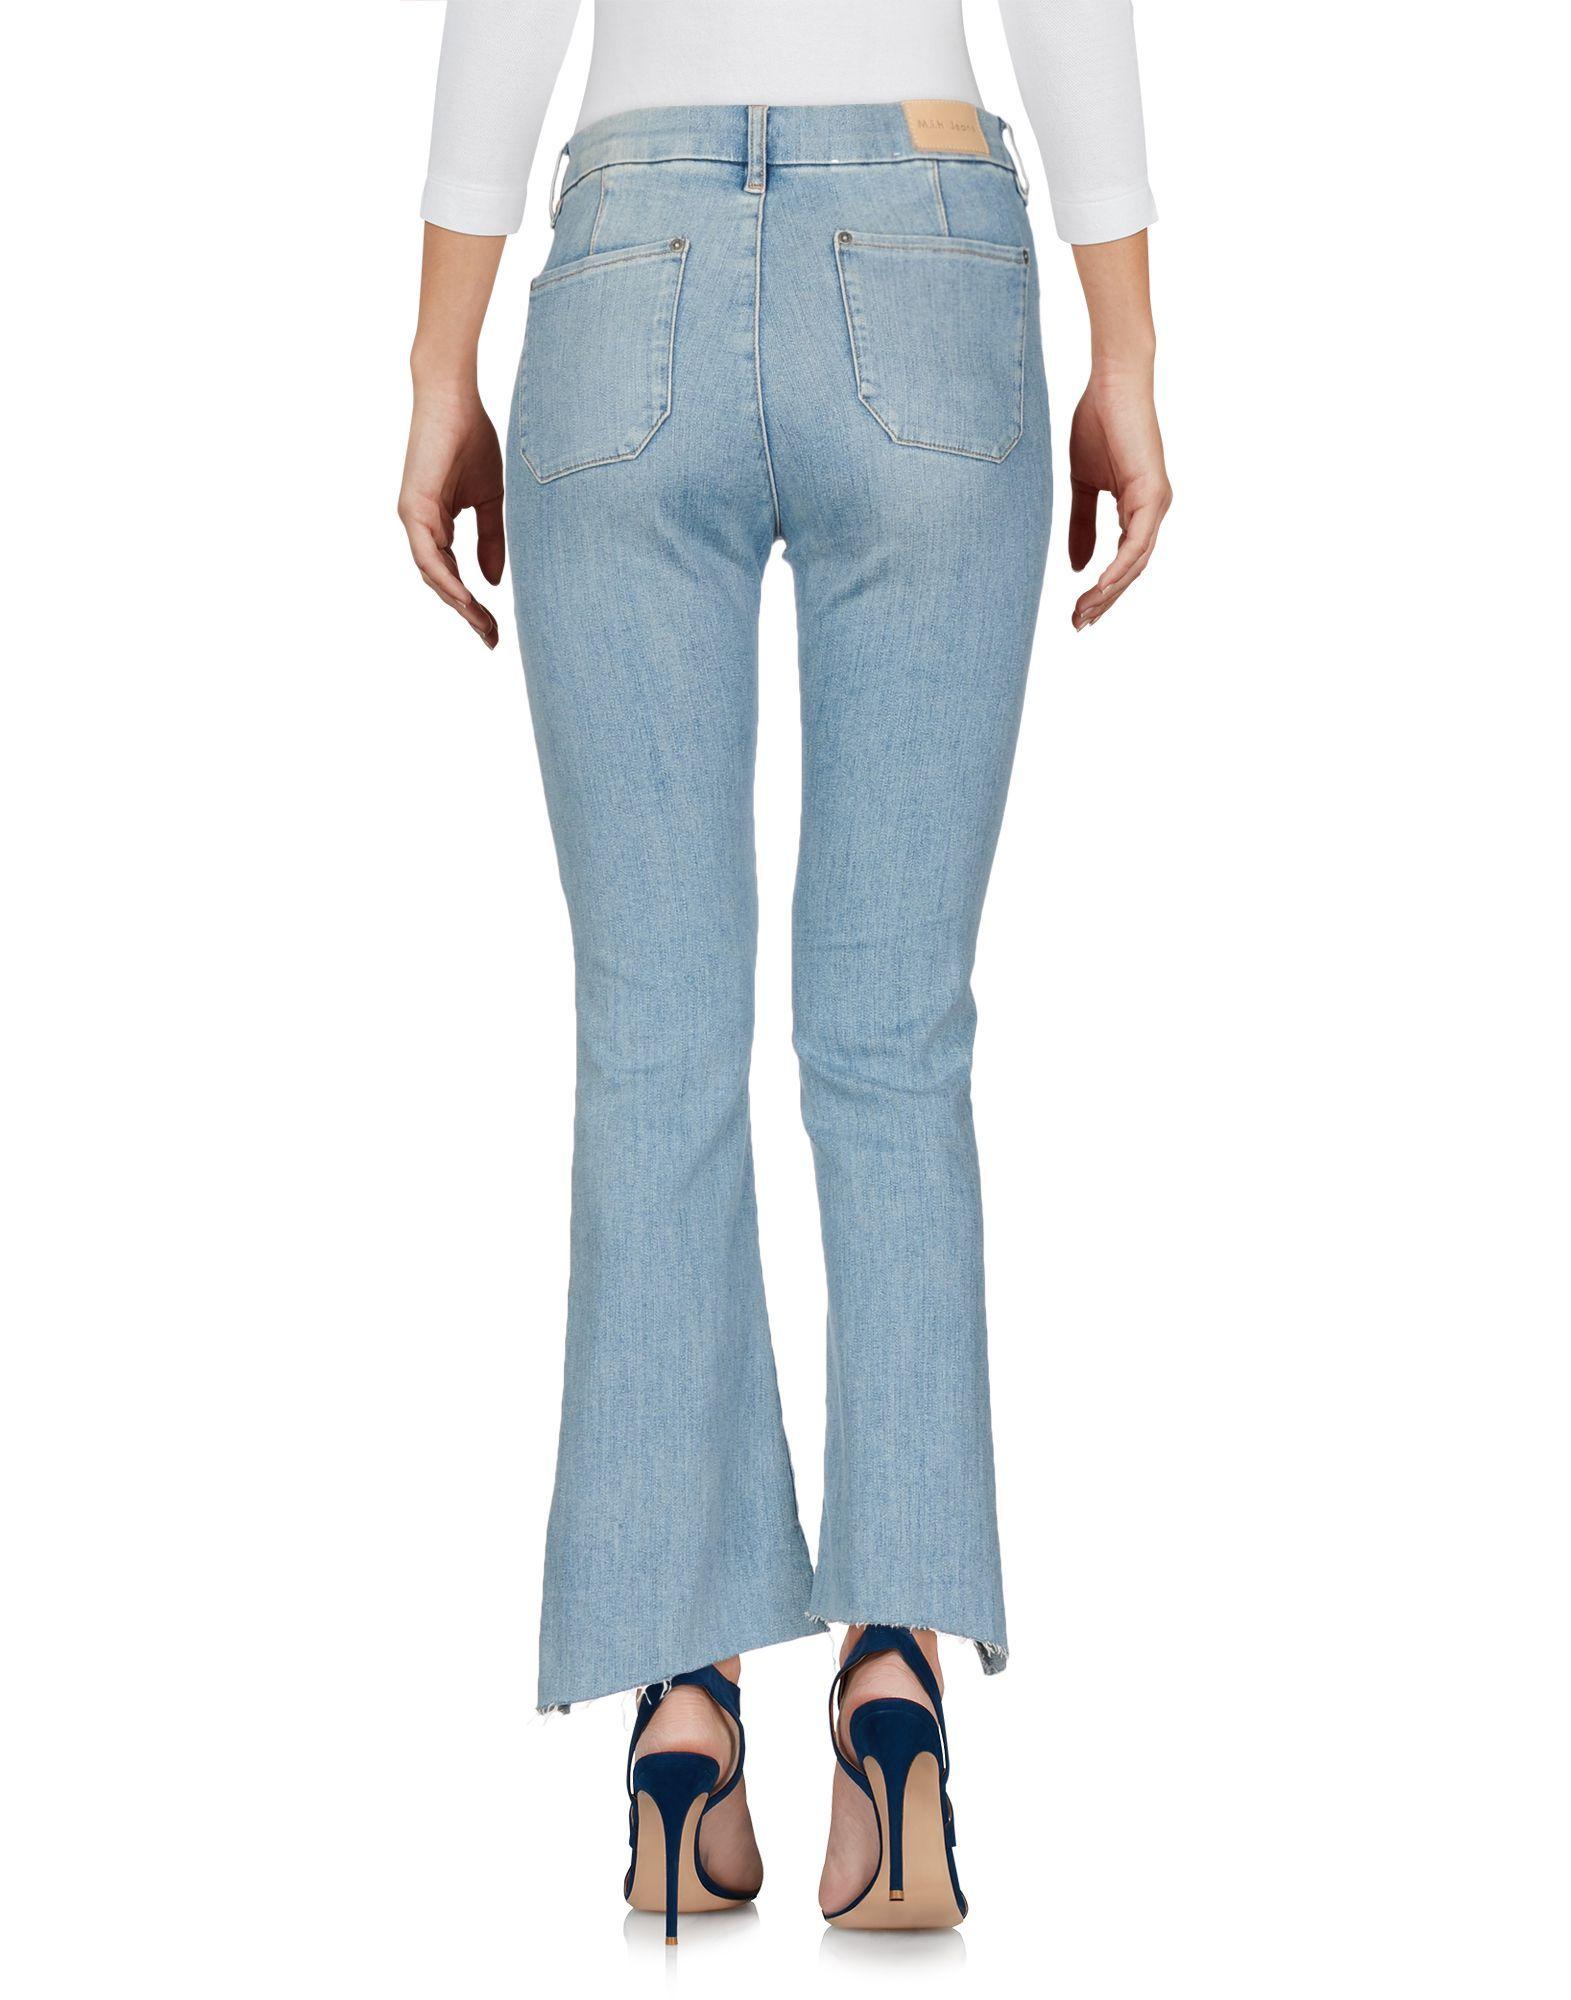 M.I.H Jeans Blue Cotton Pantaloni jeans